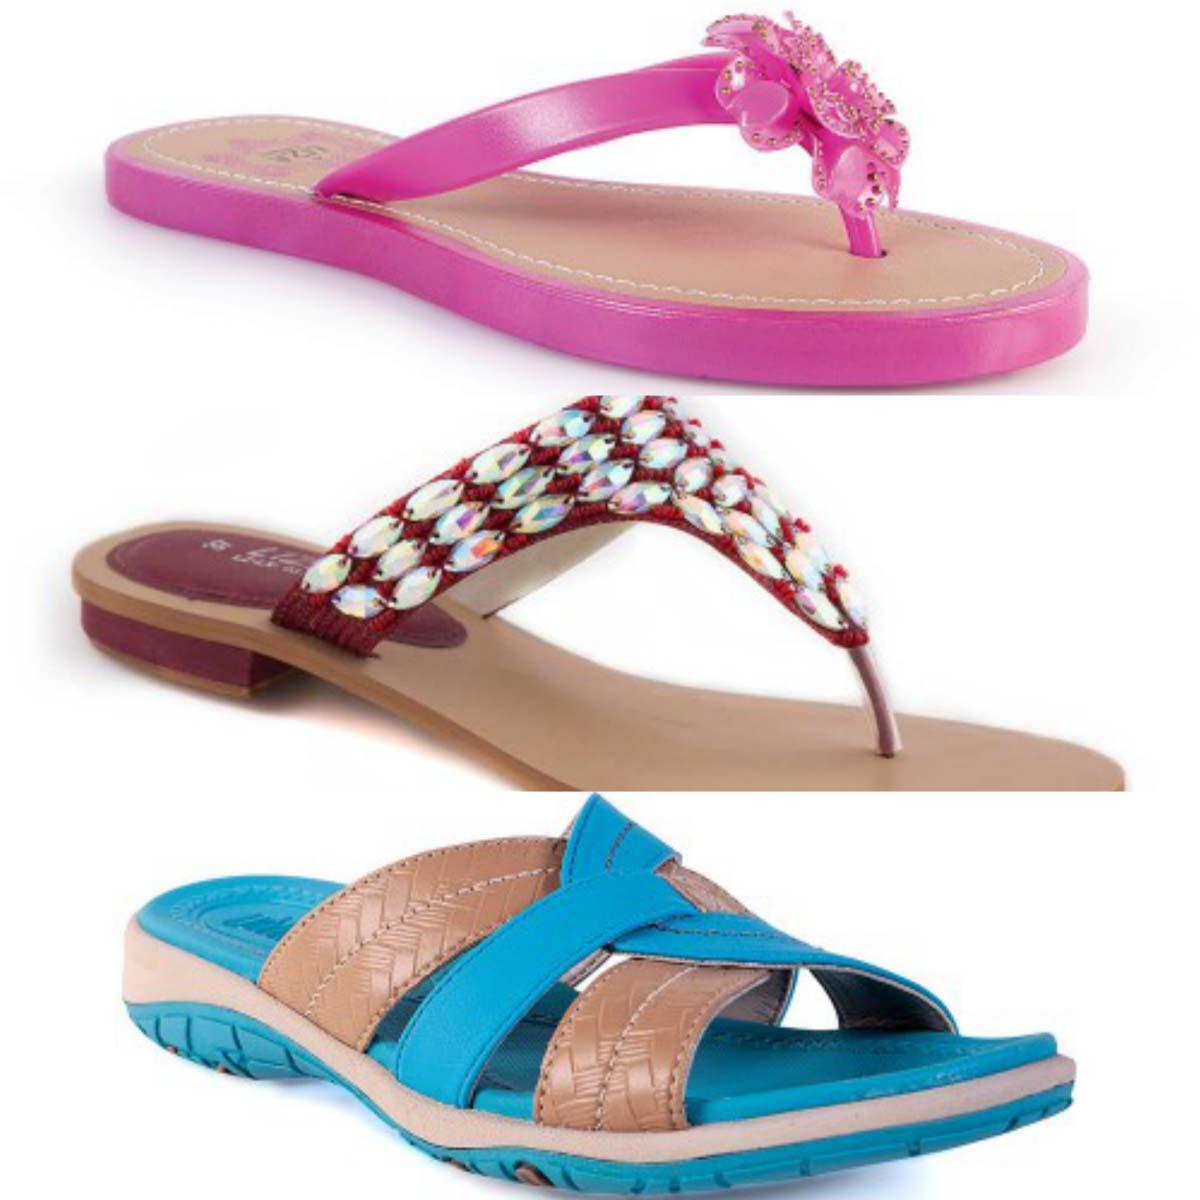 Unique 2016 New Women Sandals Fashion Gladiator Sandals Women Pumps Shoes